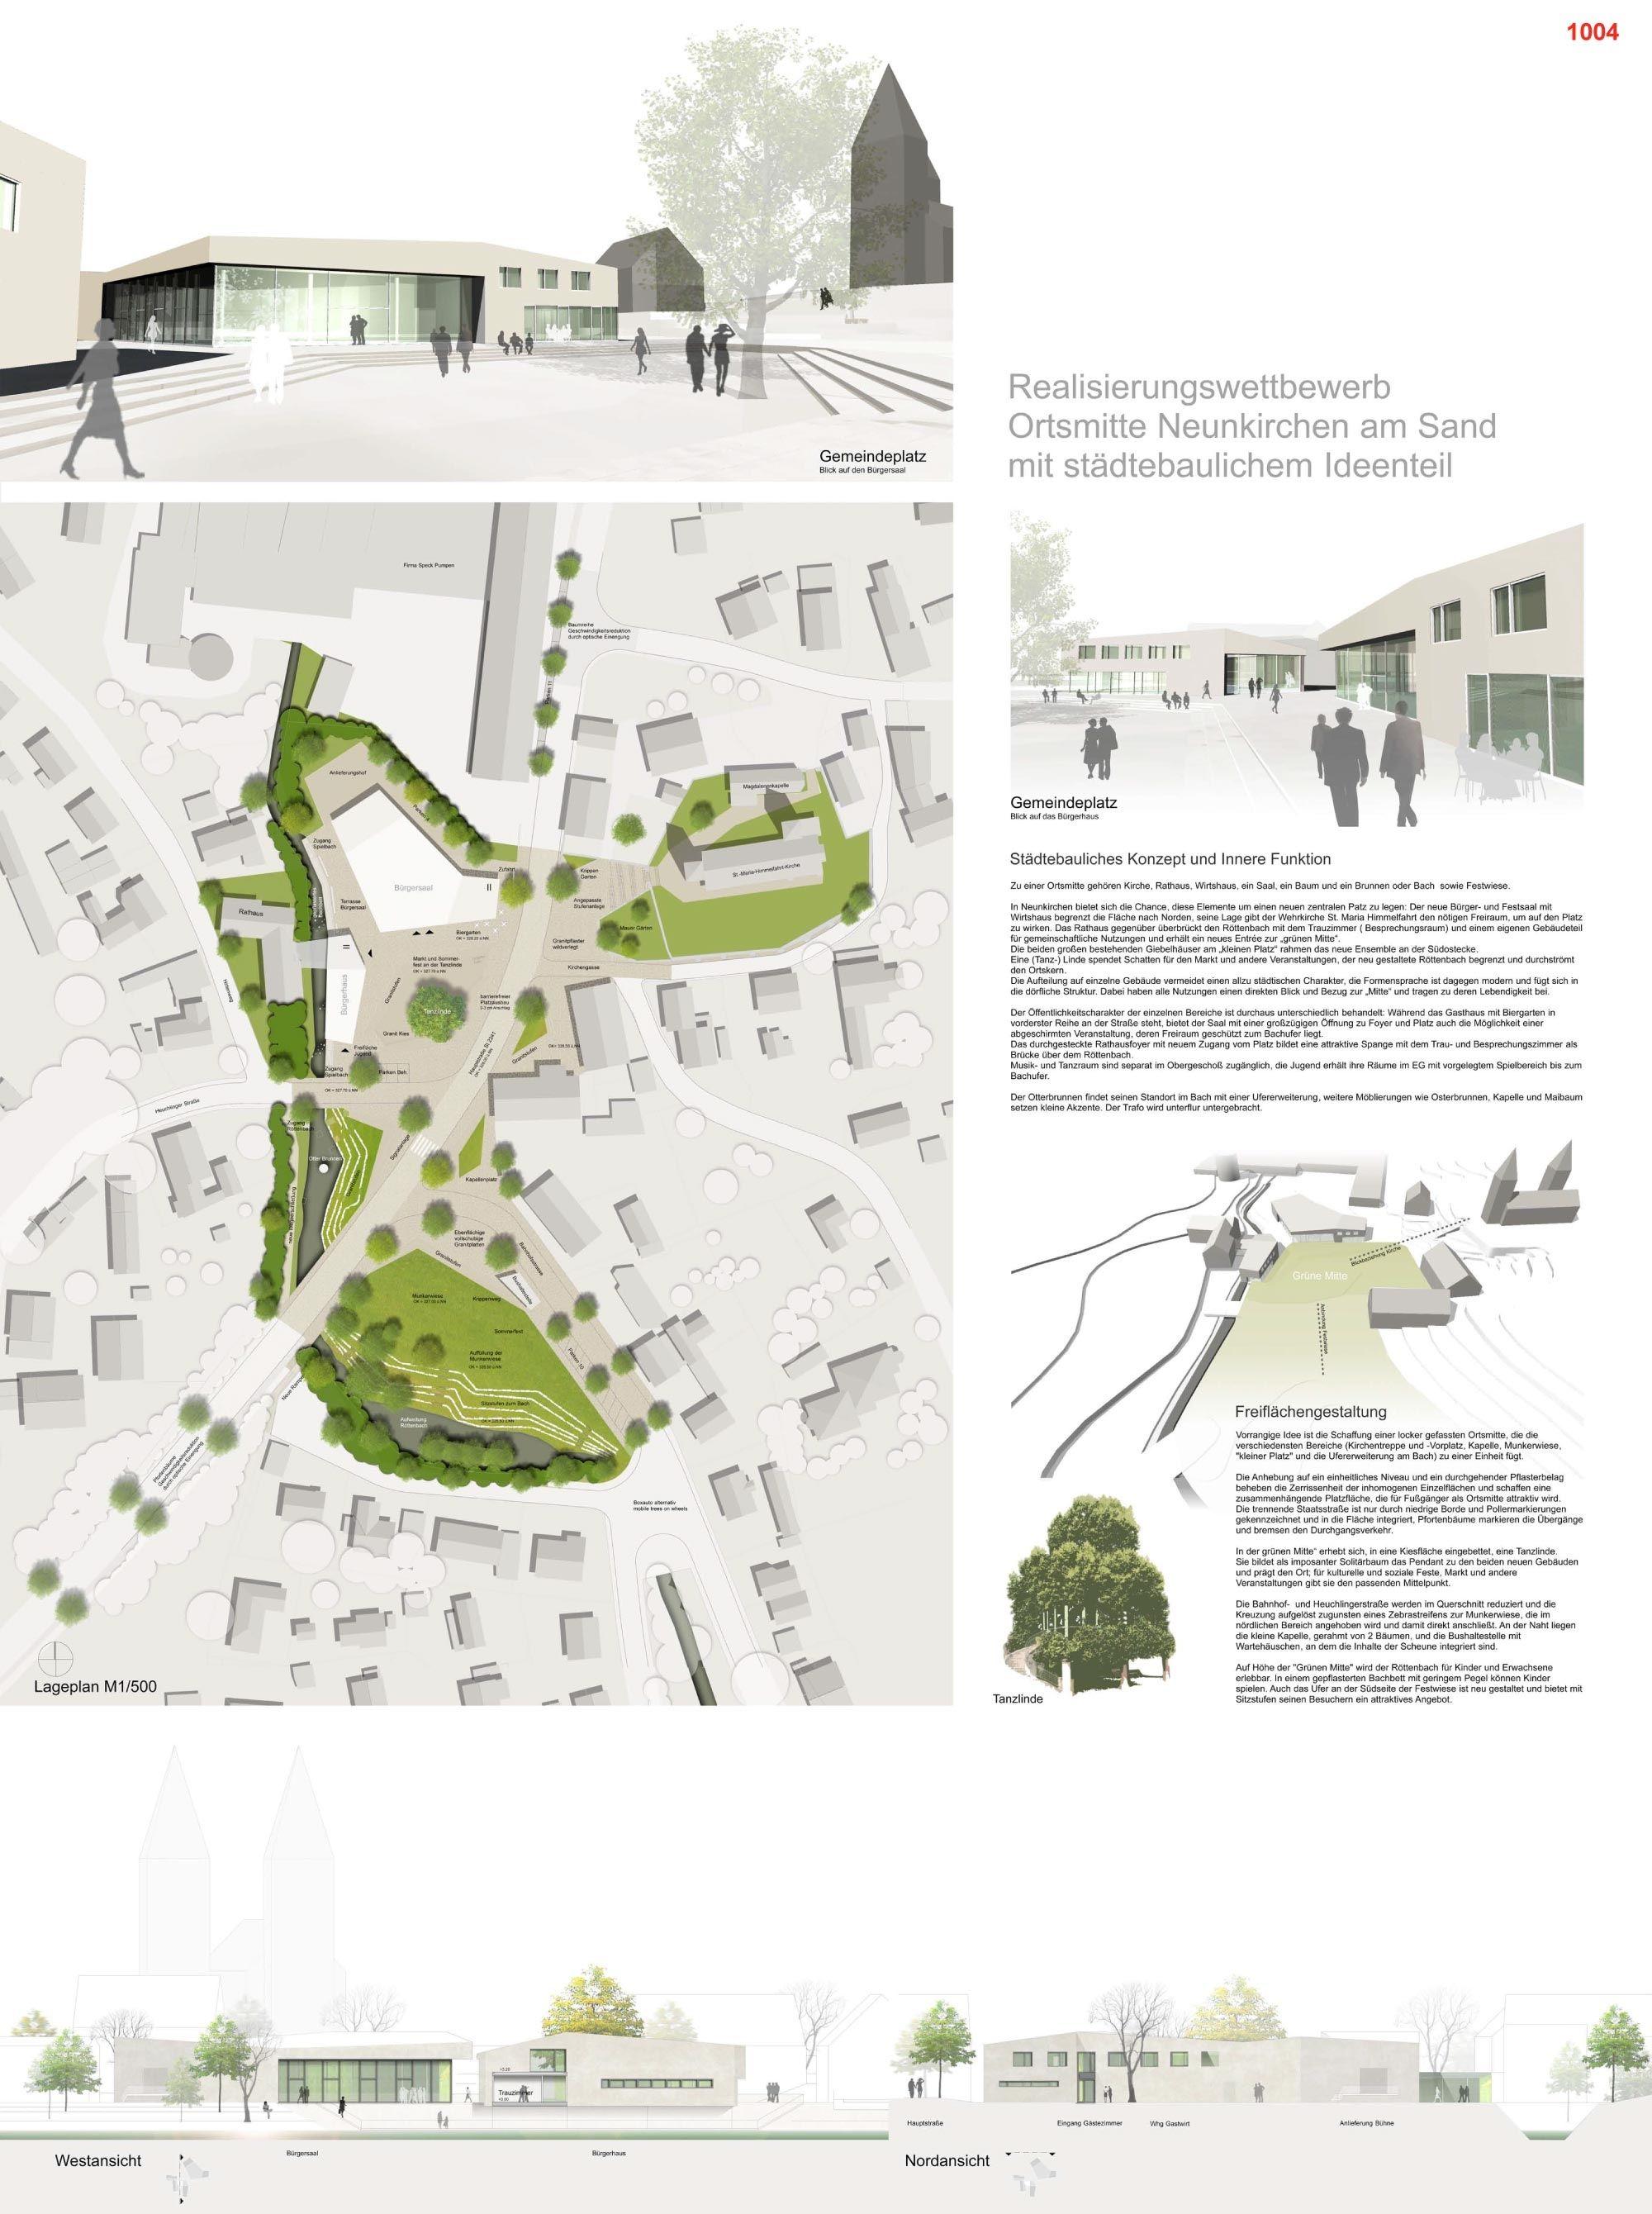 © Lorenz Landschaftsarchitekten Stadtplaner, raum3architekten, Dr. Kreutz+Partner